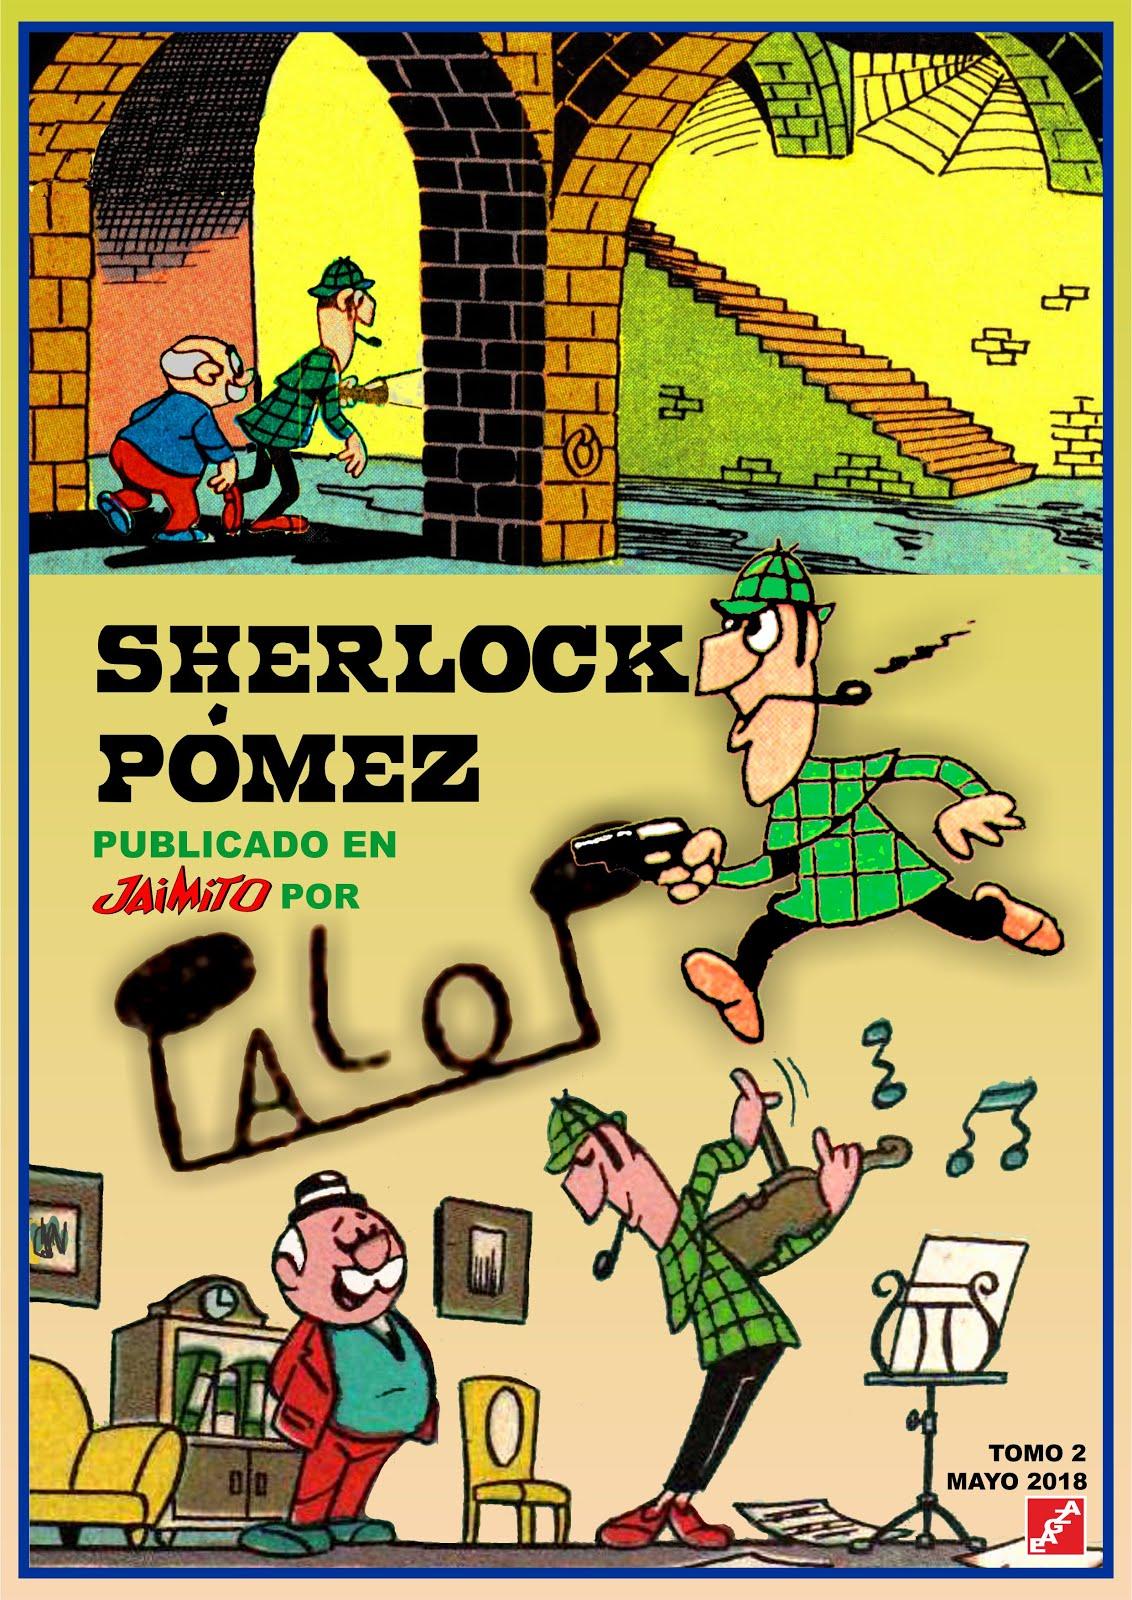 Sherlock Pómez - J. Palop  01-02  EAGZA